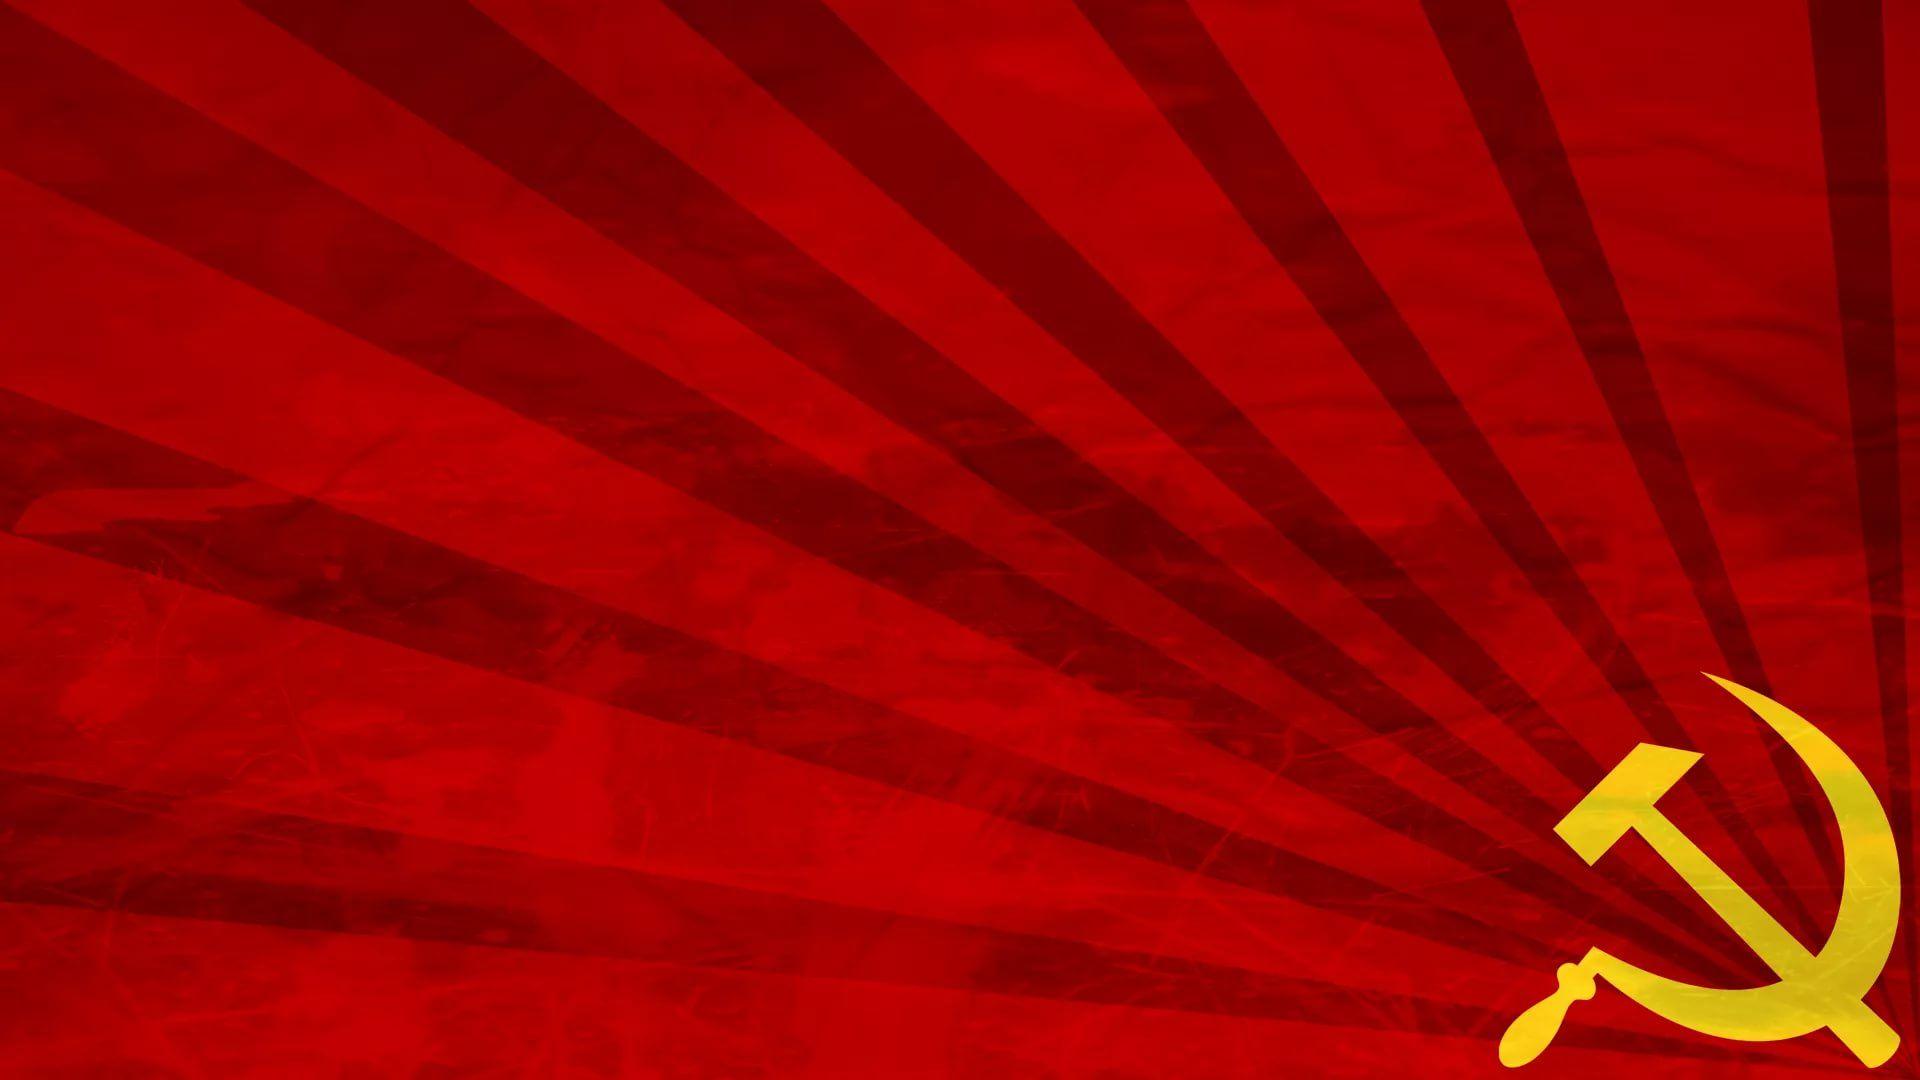 Communism Cool Wallpaper